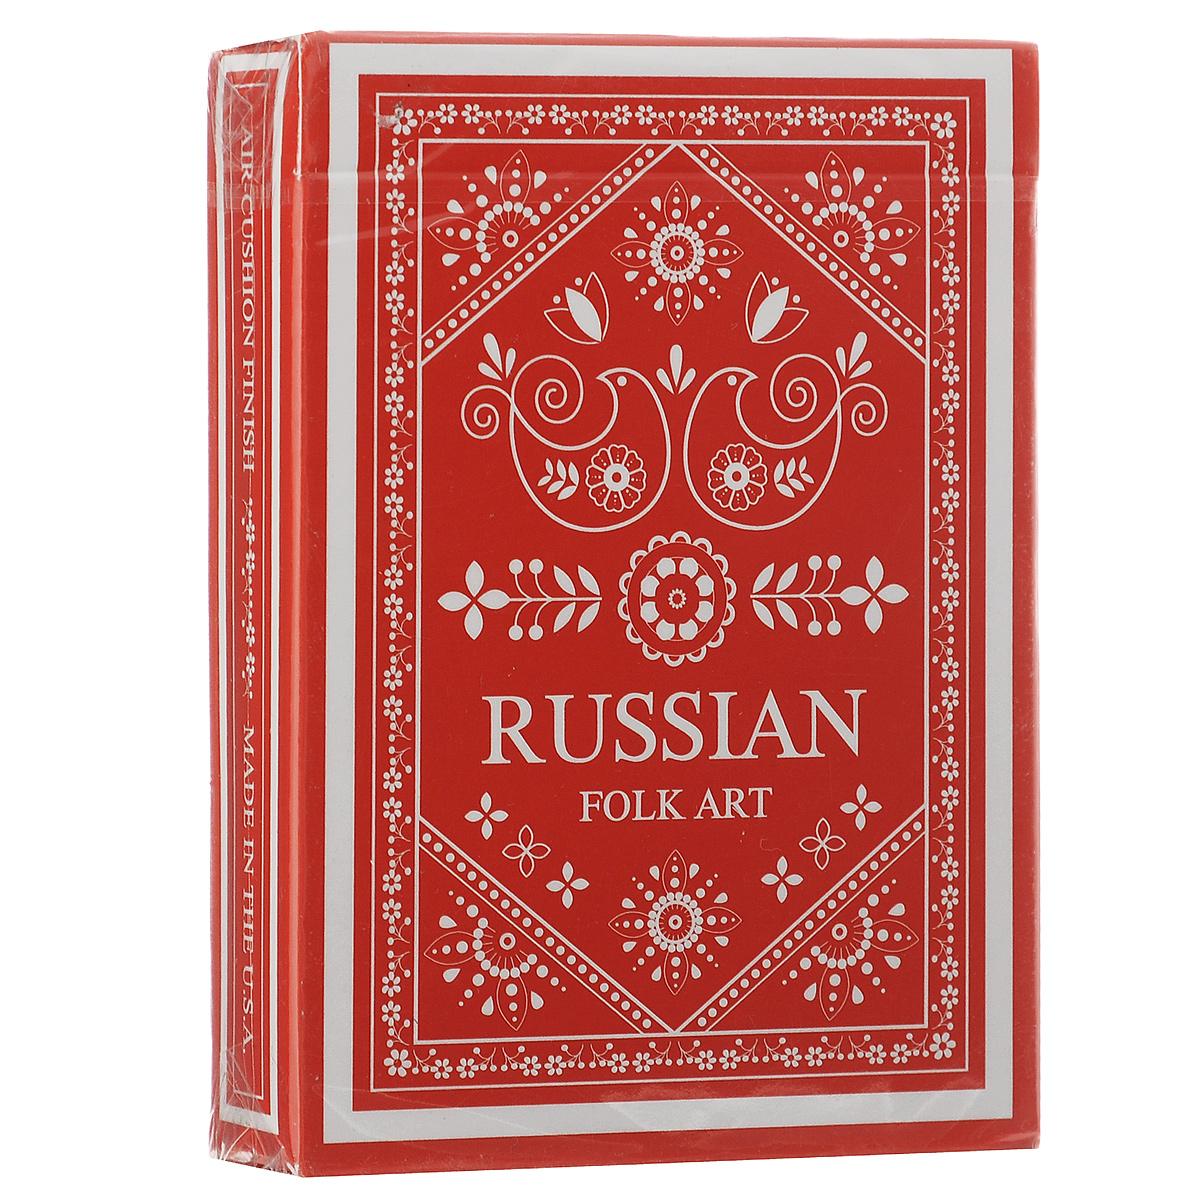 Карты игральные коллекционные Народное искусство России, цвет: красный, белыйК-470Вдохновением на создание этой колоды послужил русский фольклор. На картинках изображены традиционные русские символы.